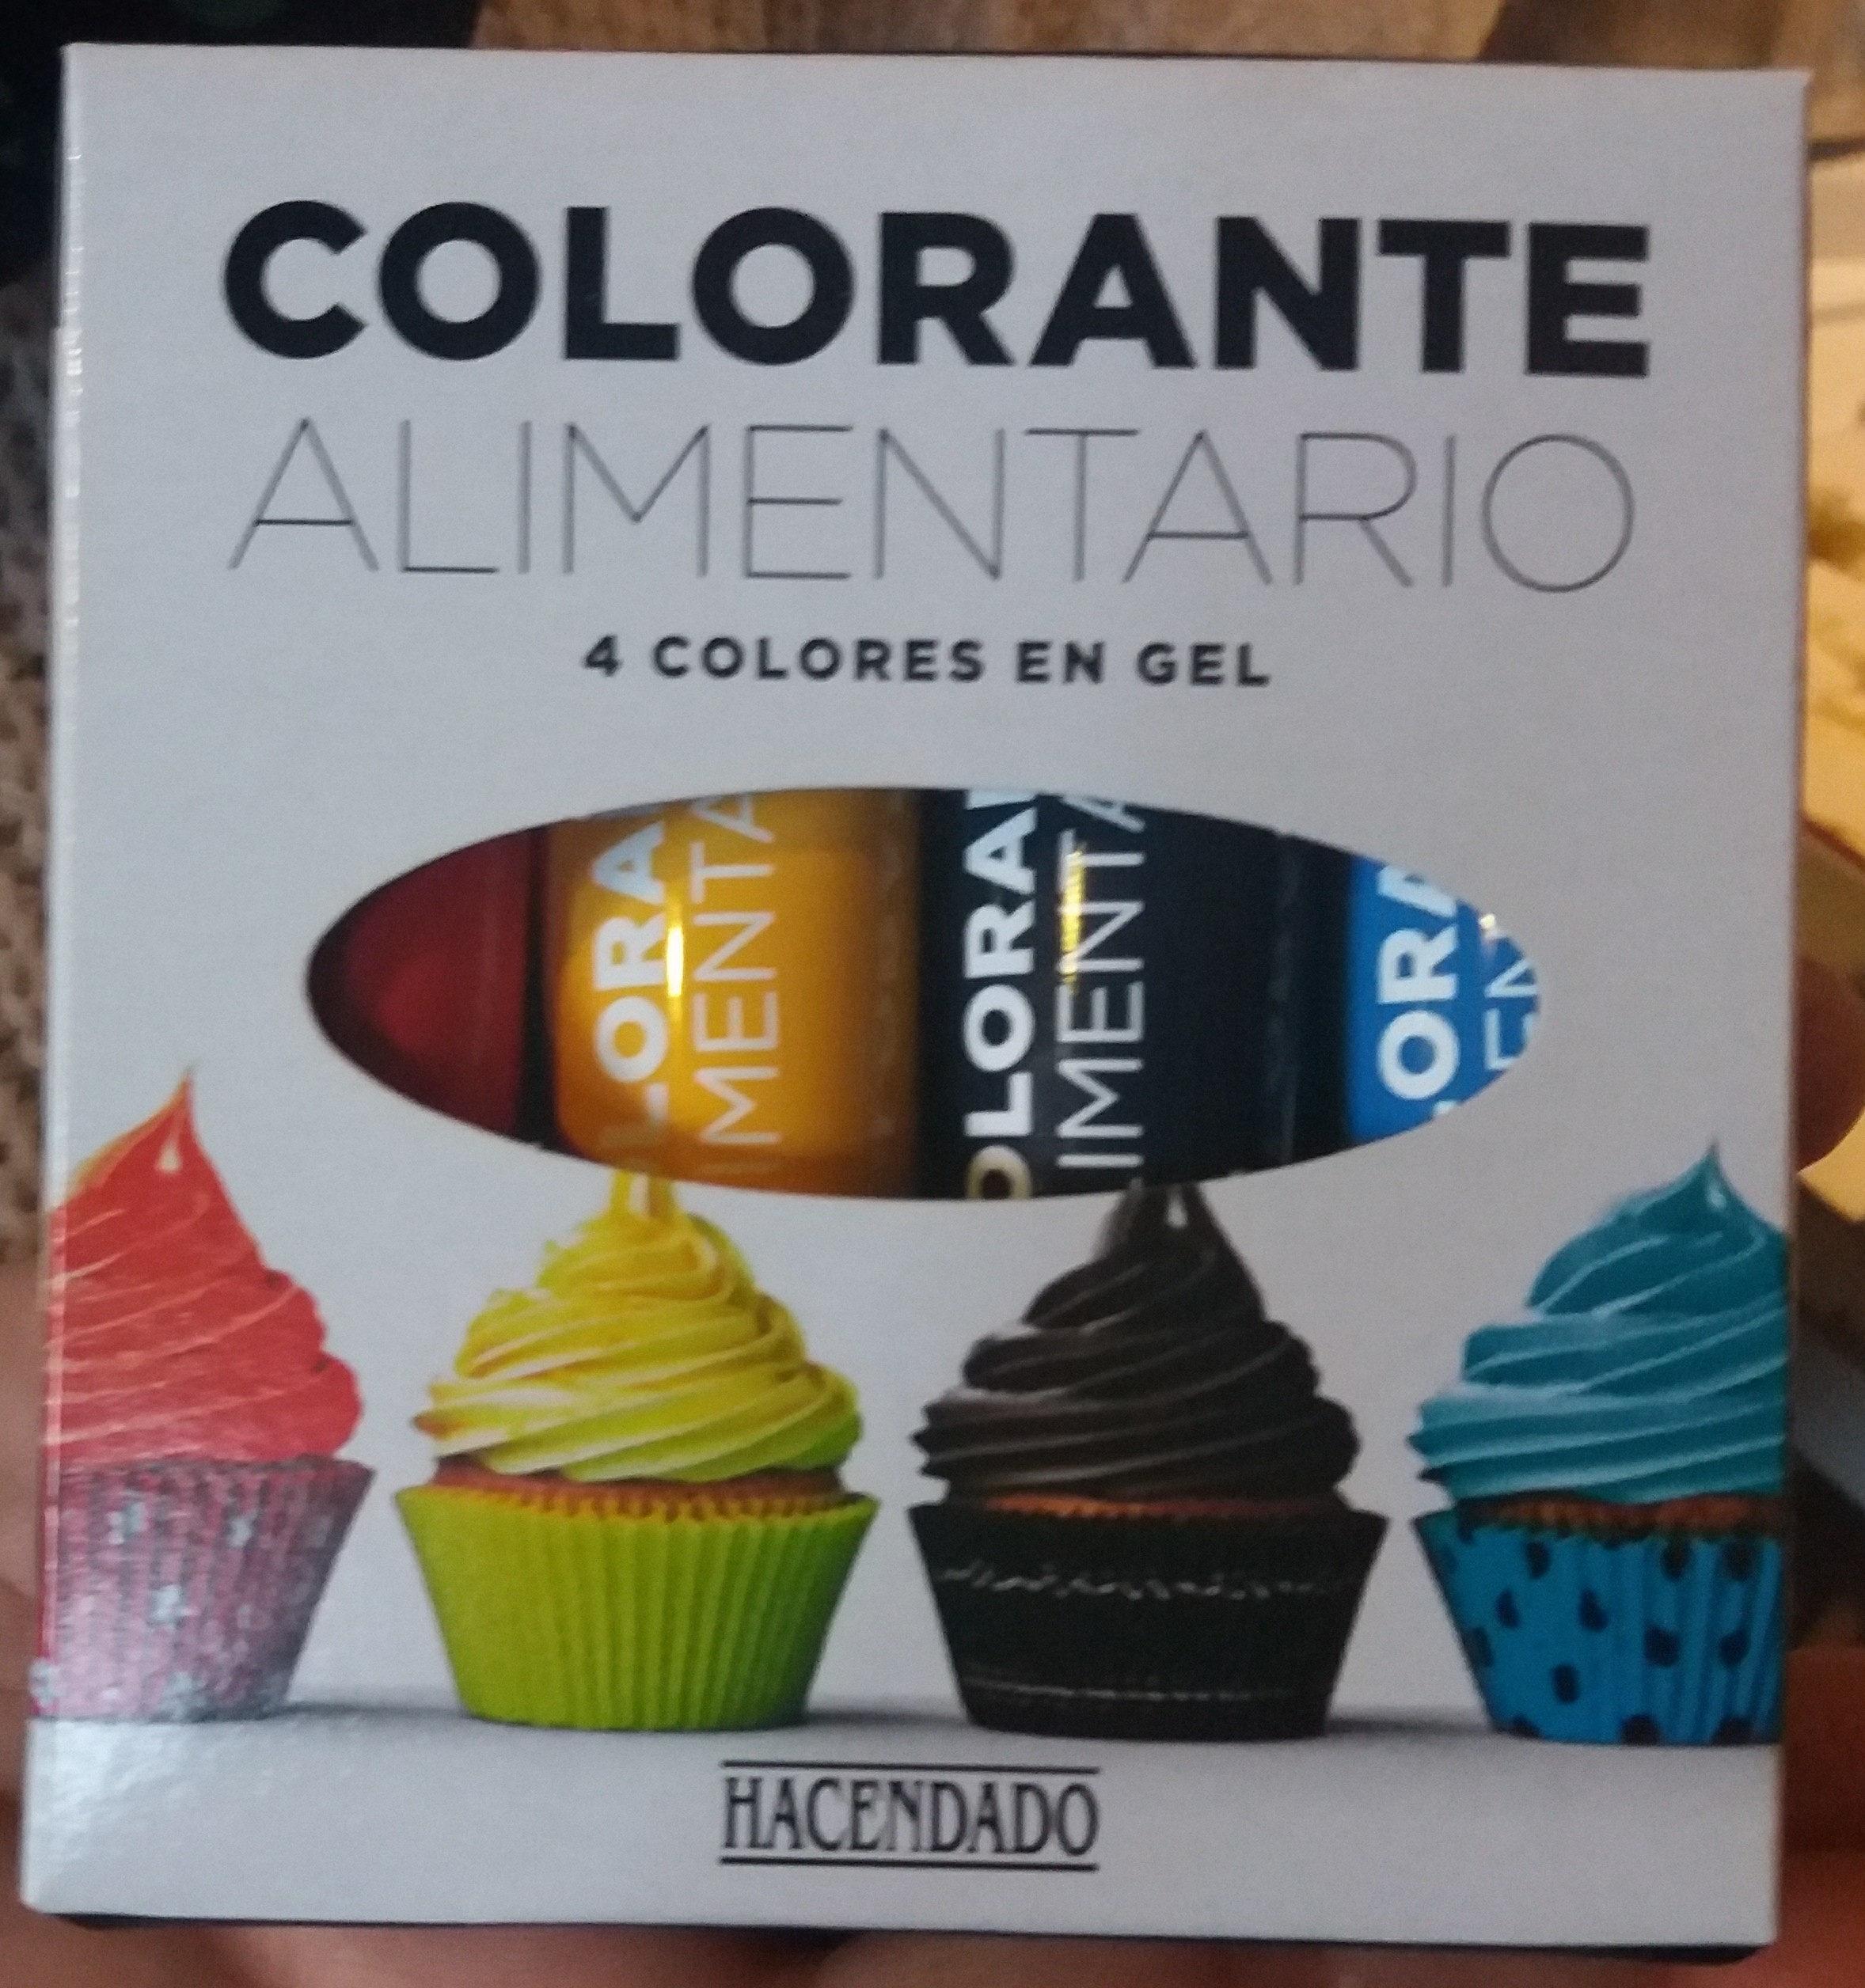 Colorante alimentario - Producte